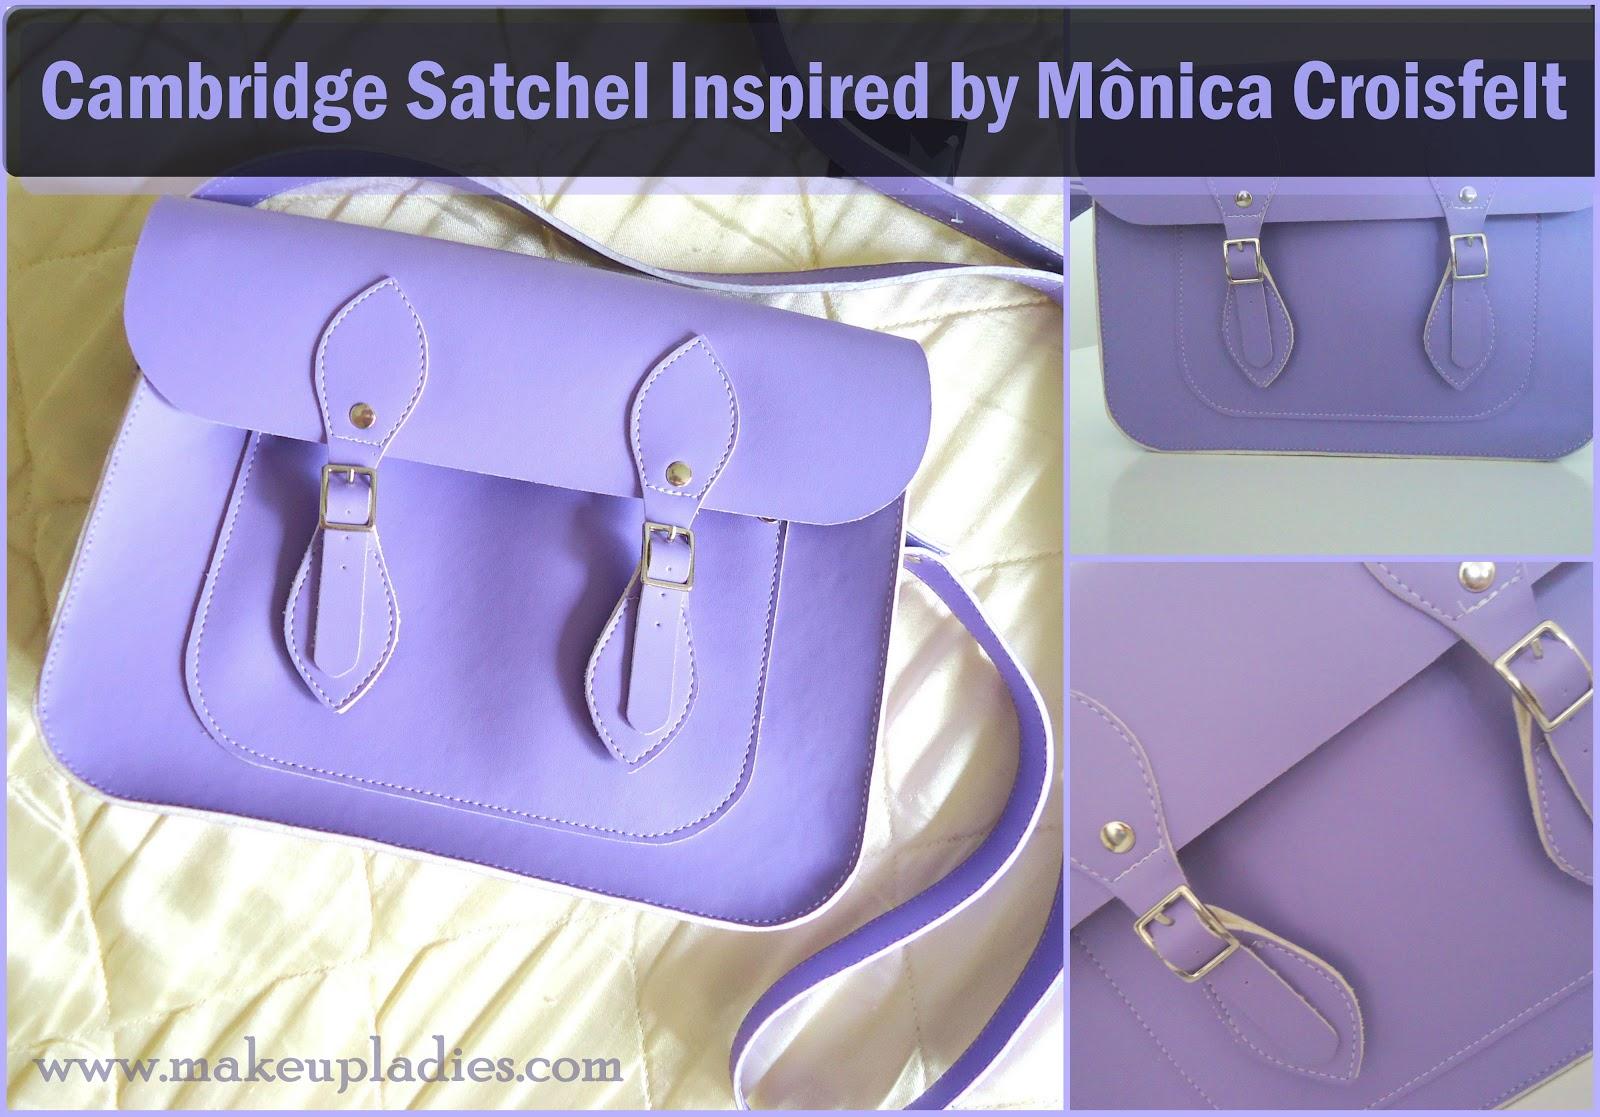 6d3e742b4 Hoje vou mostrar pra vocês a minha bolsa cambridge satchel inspired que  comprei da Mônica Croisfelt.